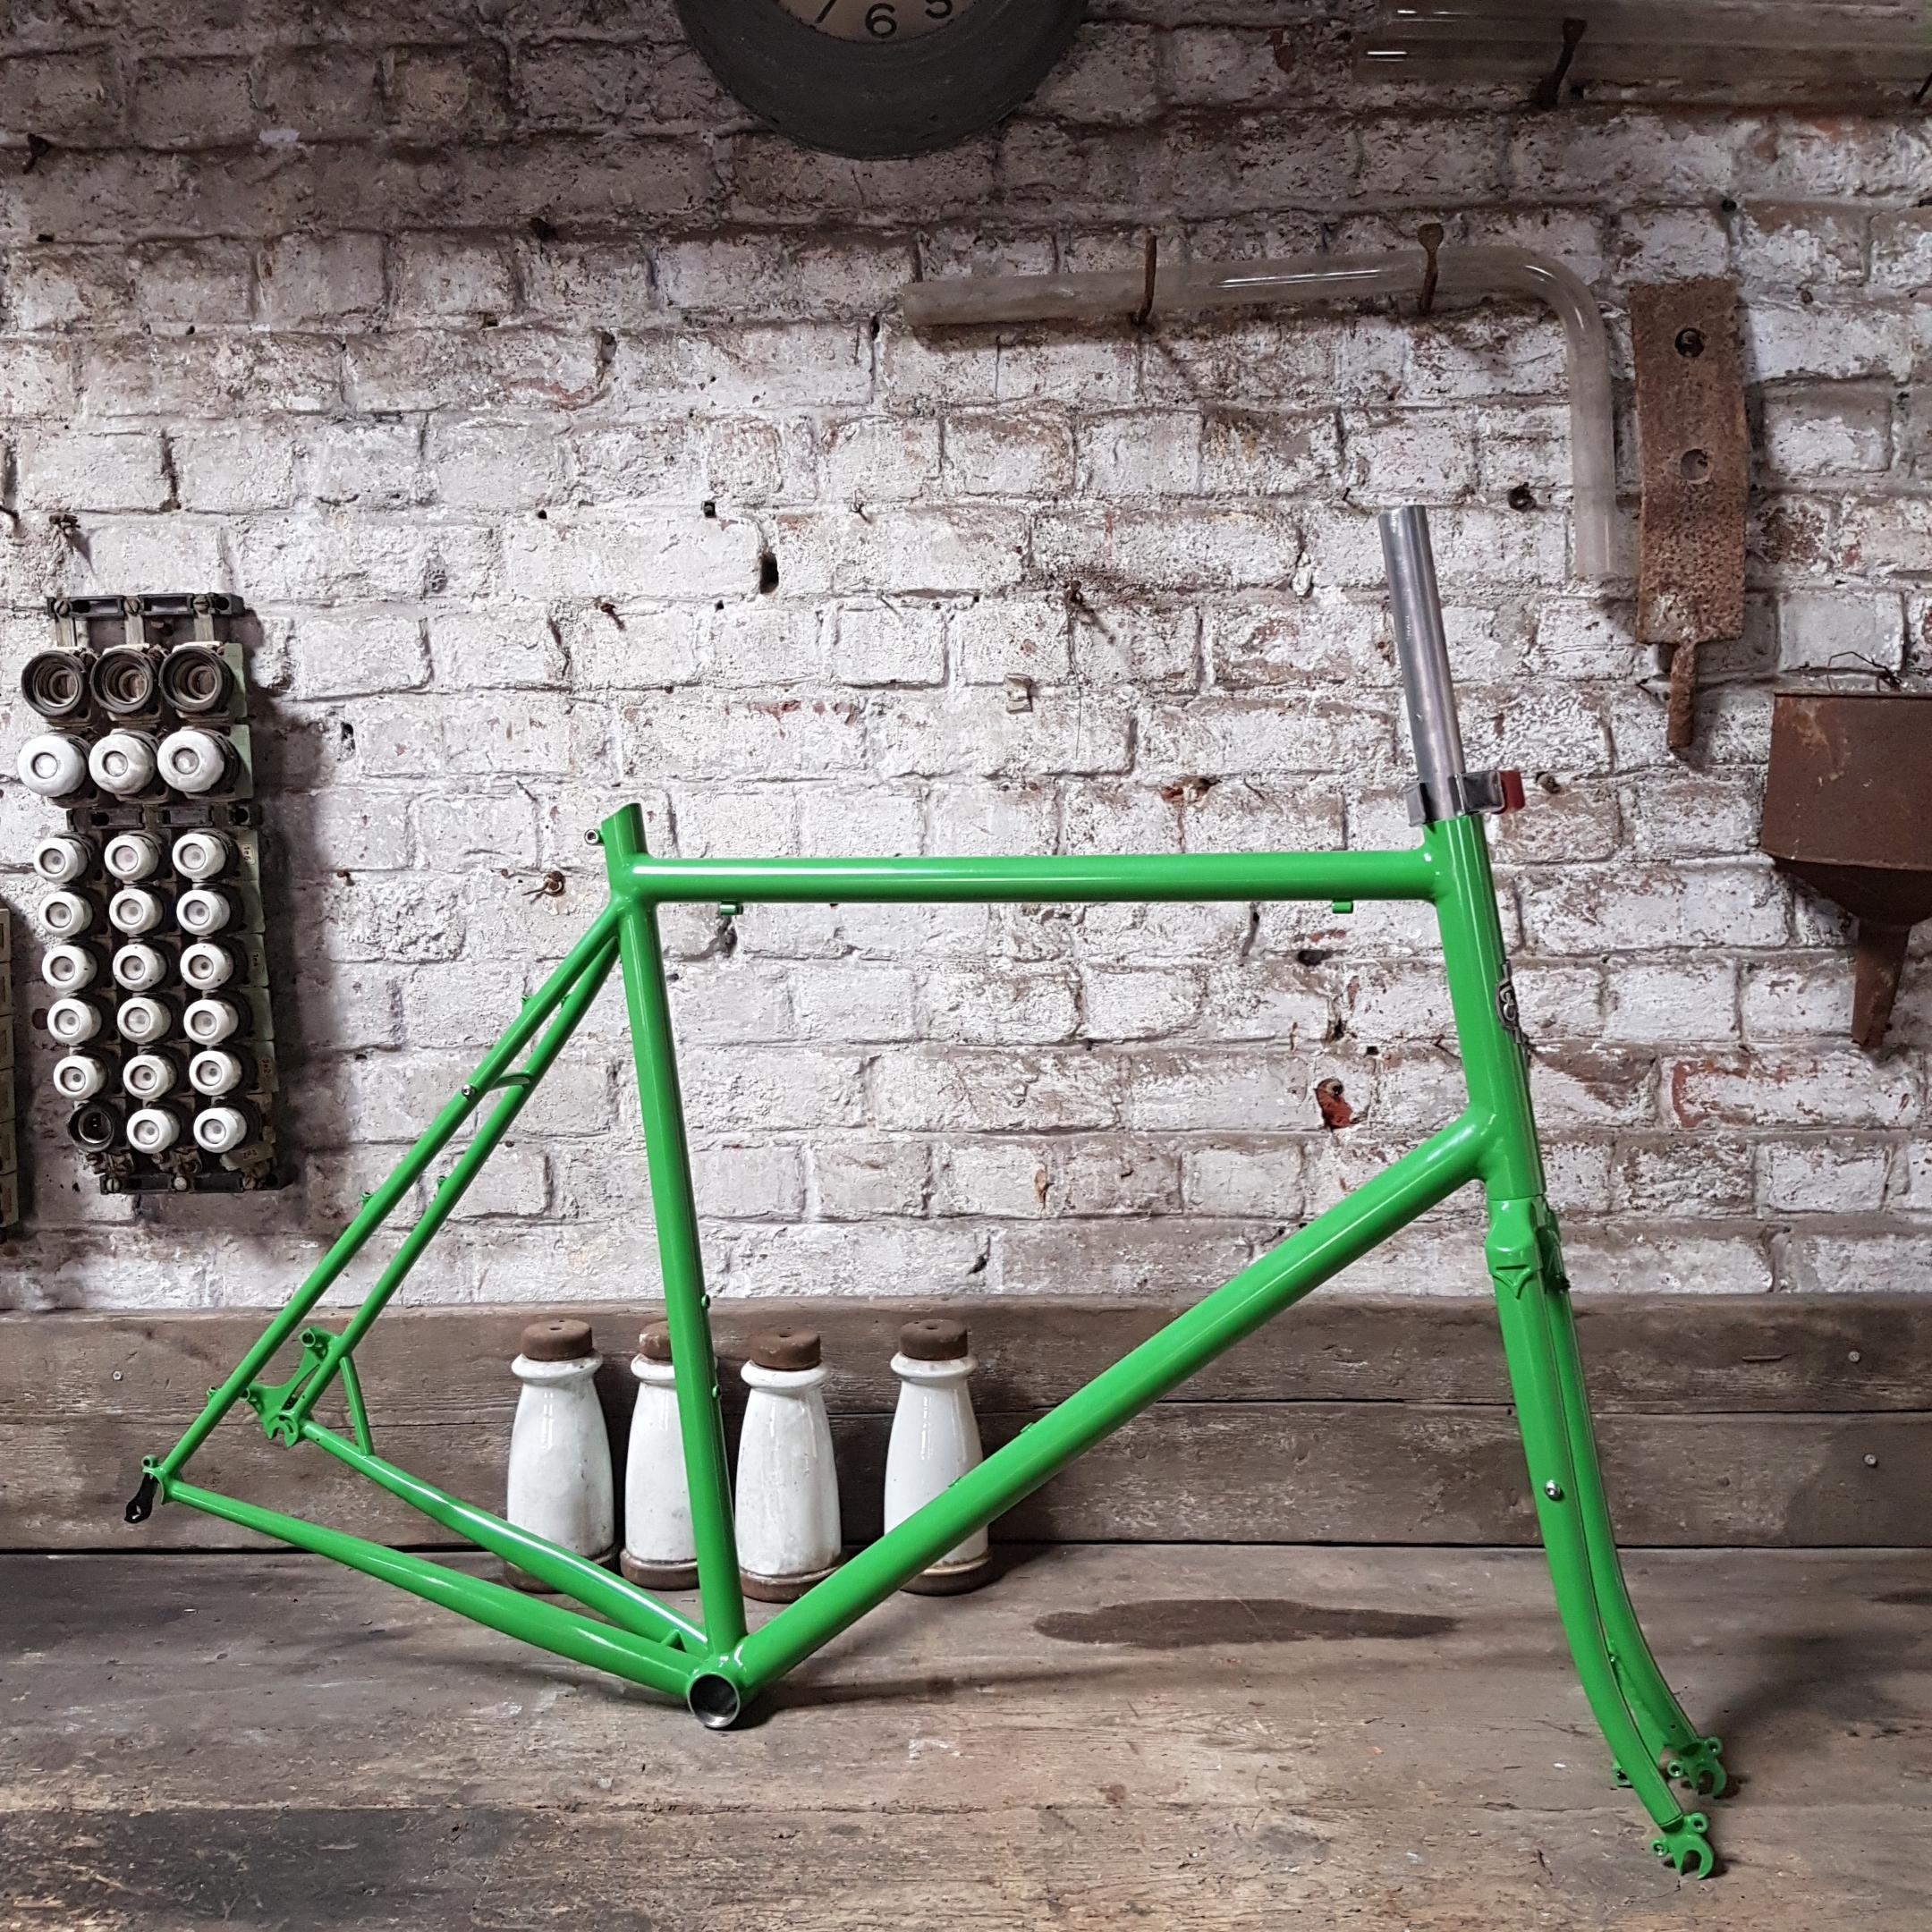 Rodolphe's Gravel Bike